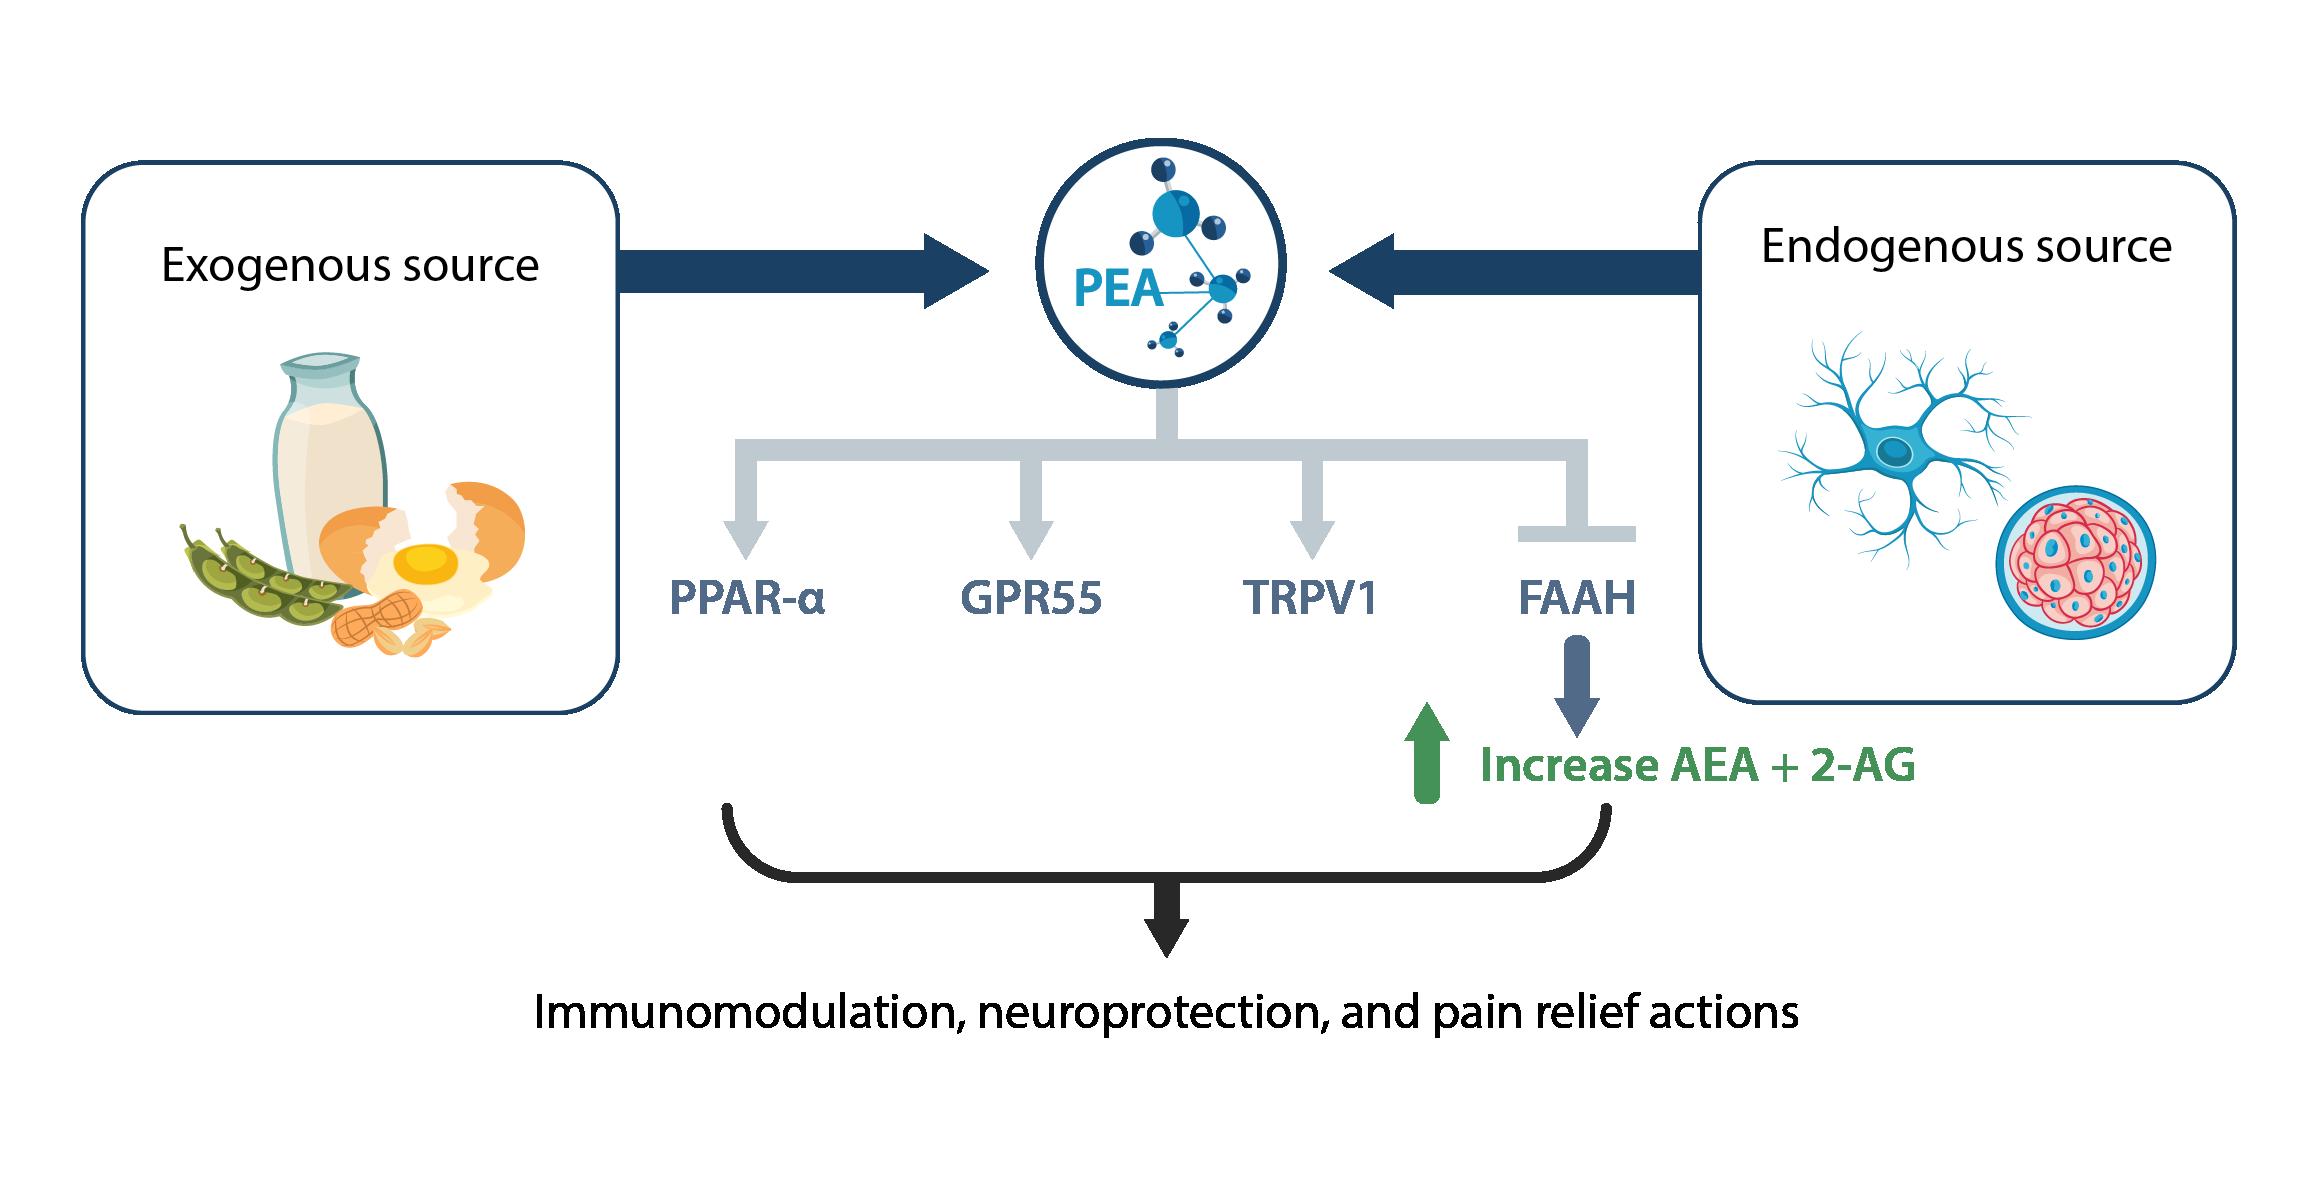 Figure1-PEA-nofig-01-1